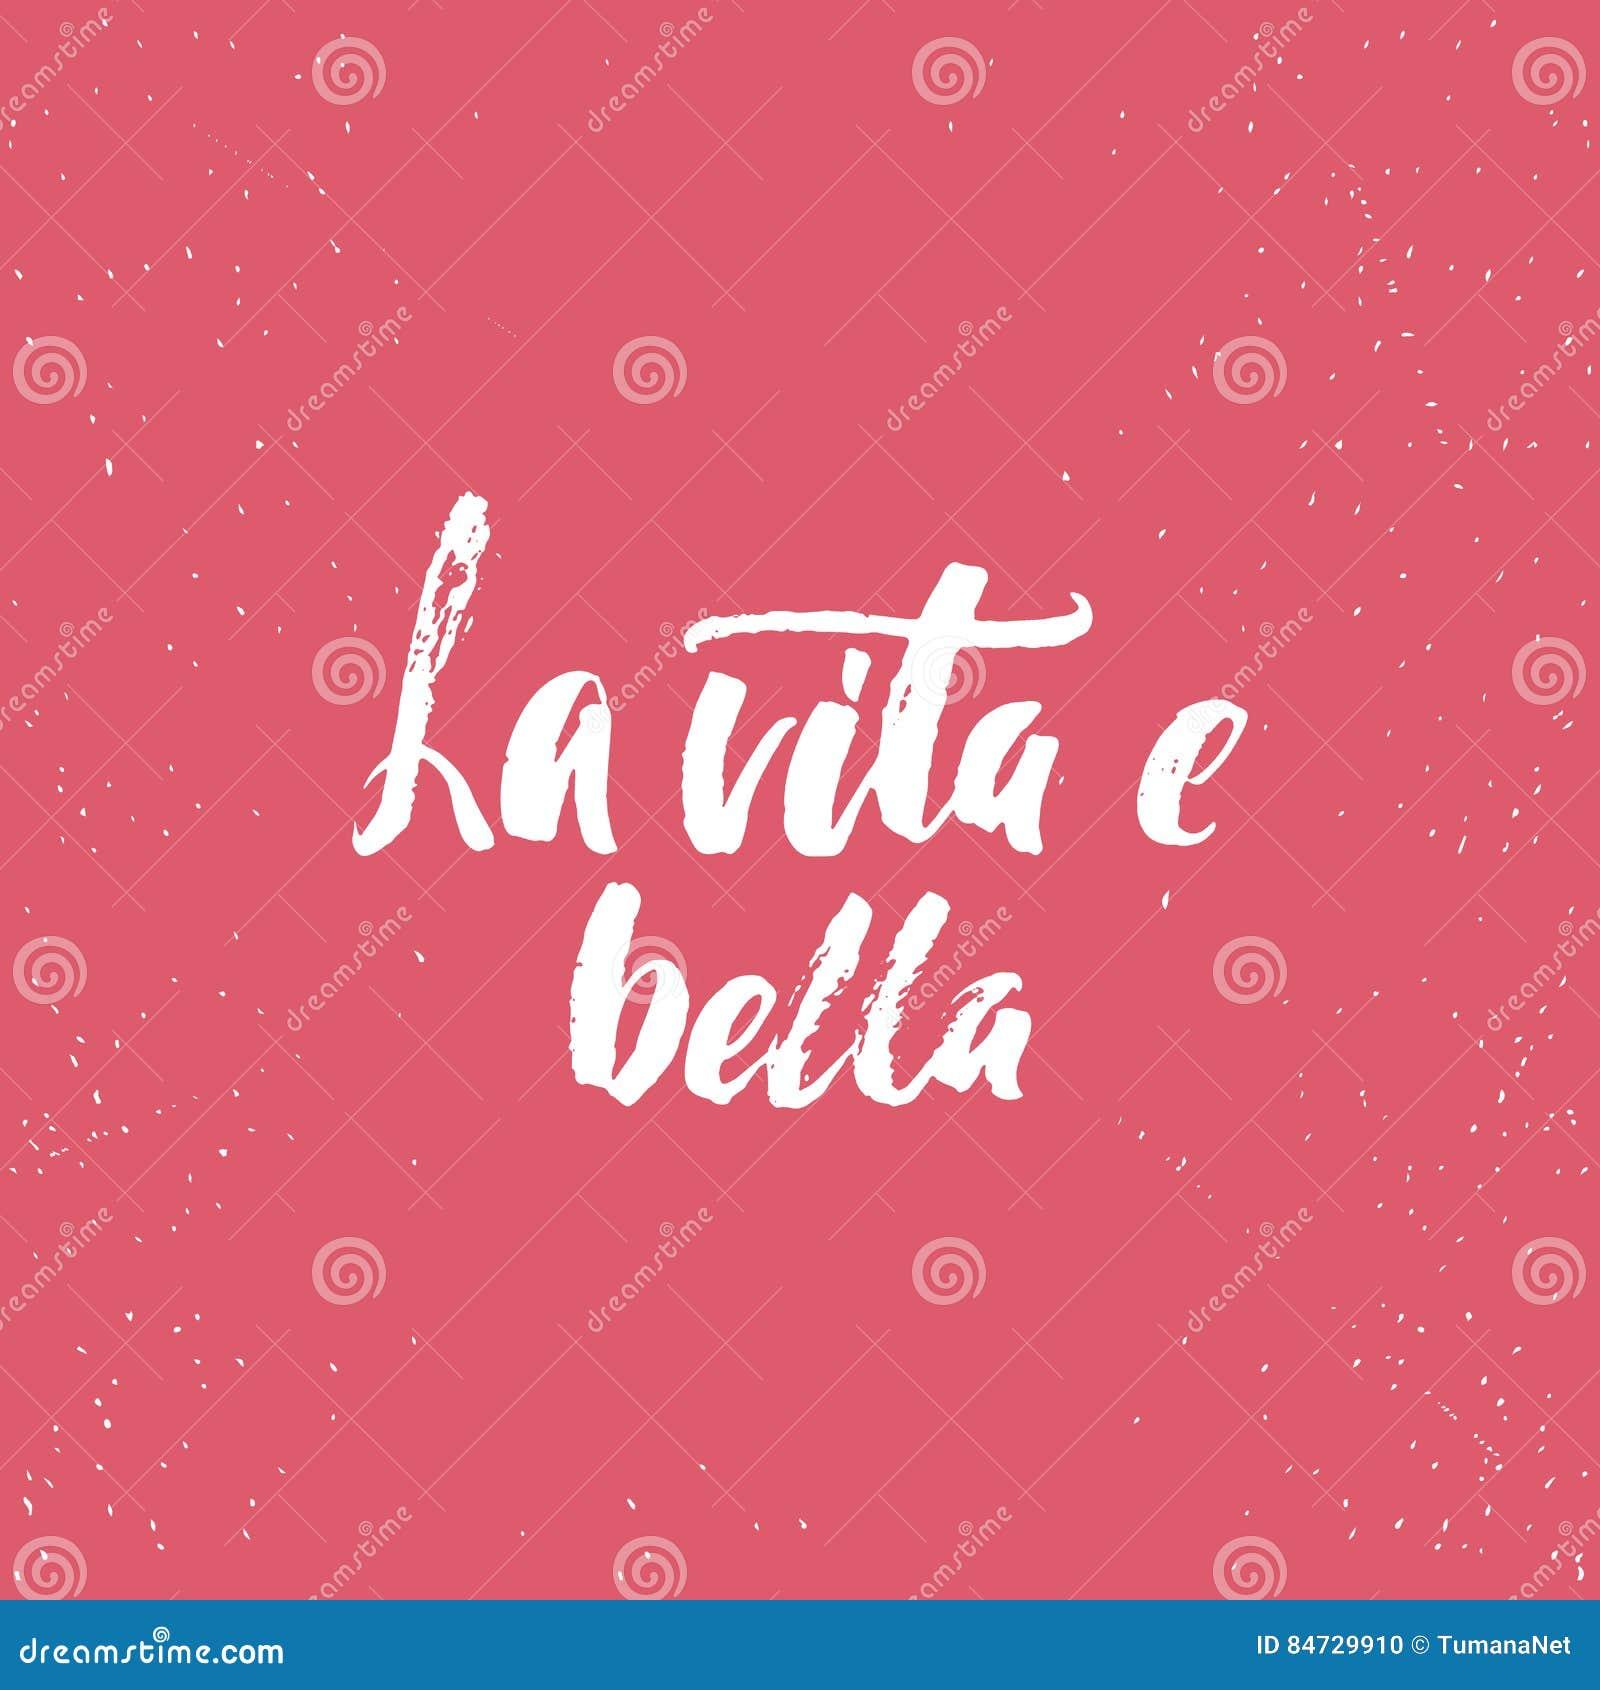 Bella Di Vita E Della La Frase Italiana Di Calligrafia Dell